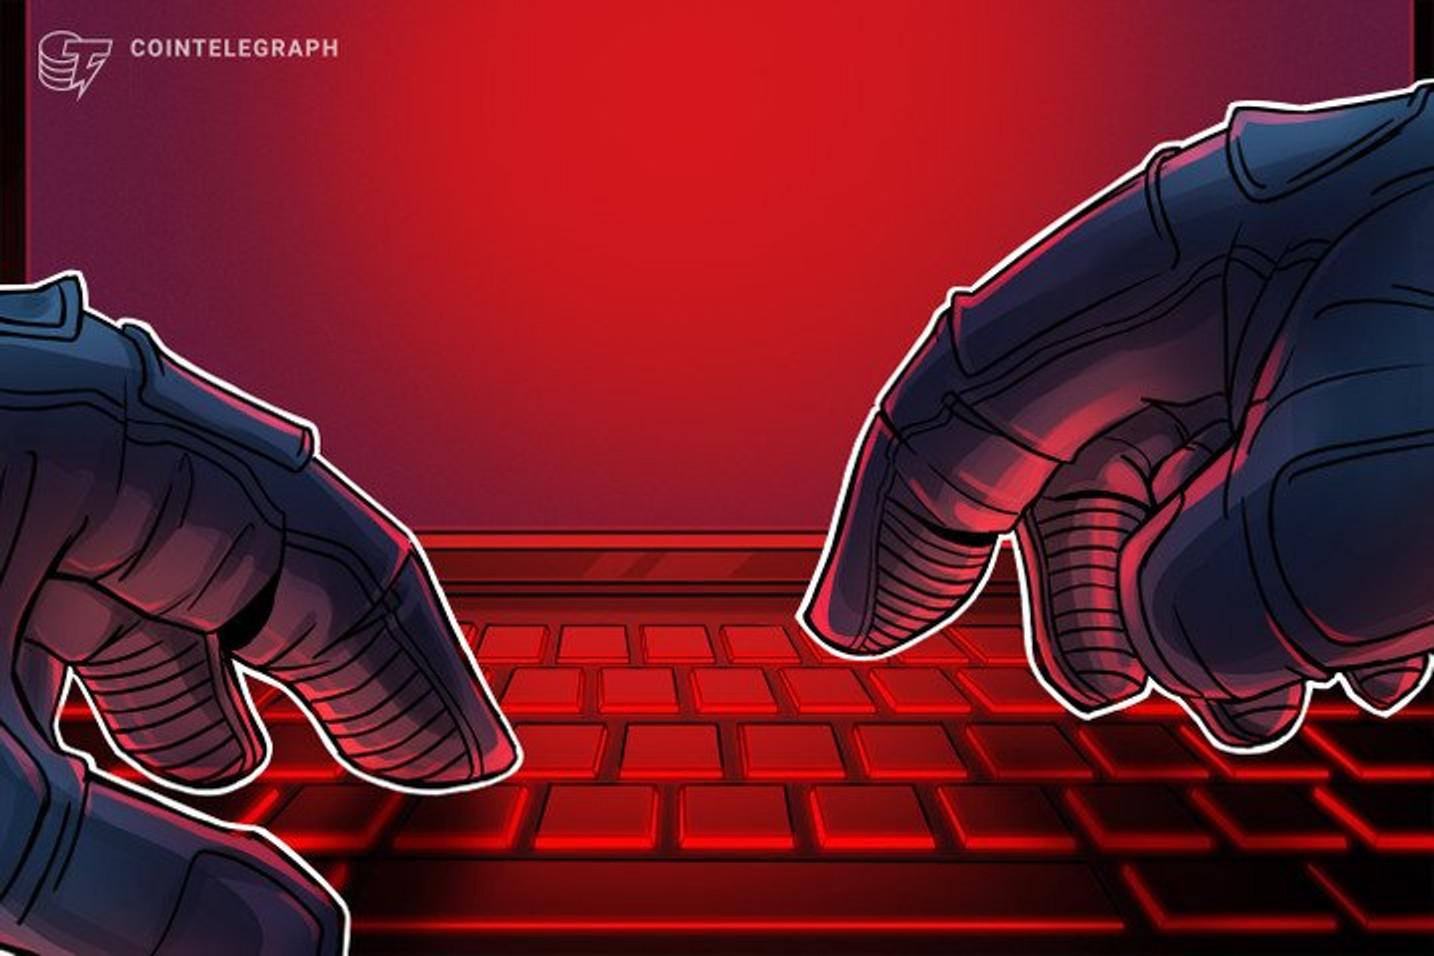 Fundos hackeados na Bitfinex em hack de 2016 são movidos novamente